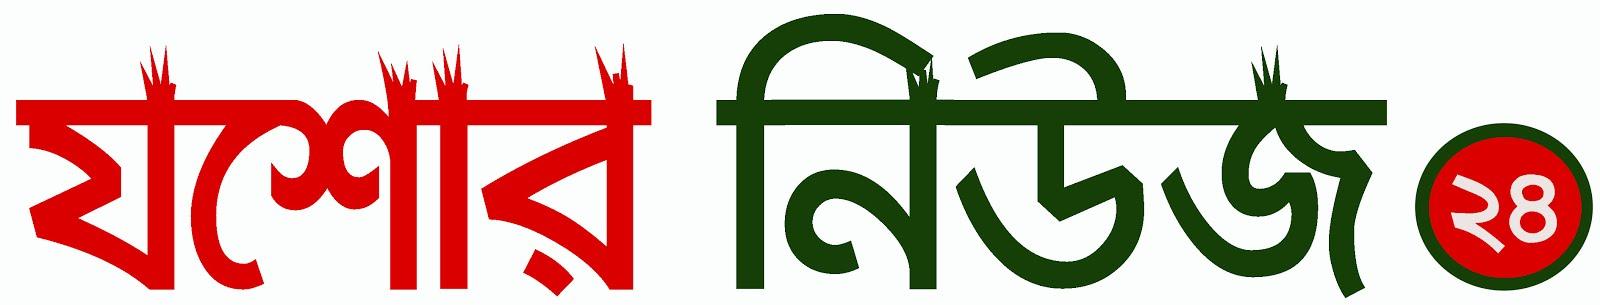 যশোর নিউজ ২৪: Jessore News 24: